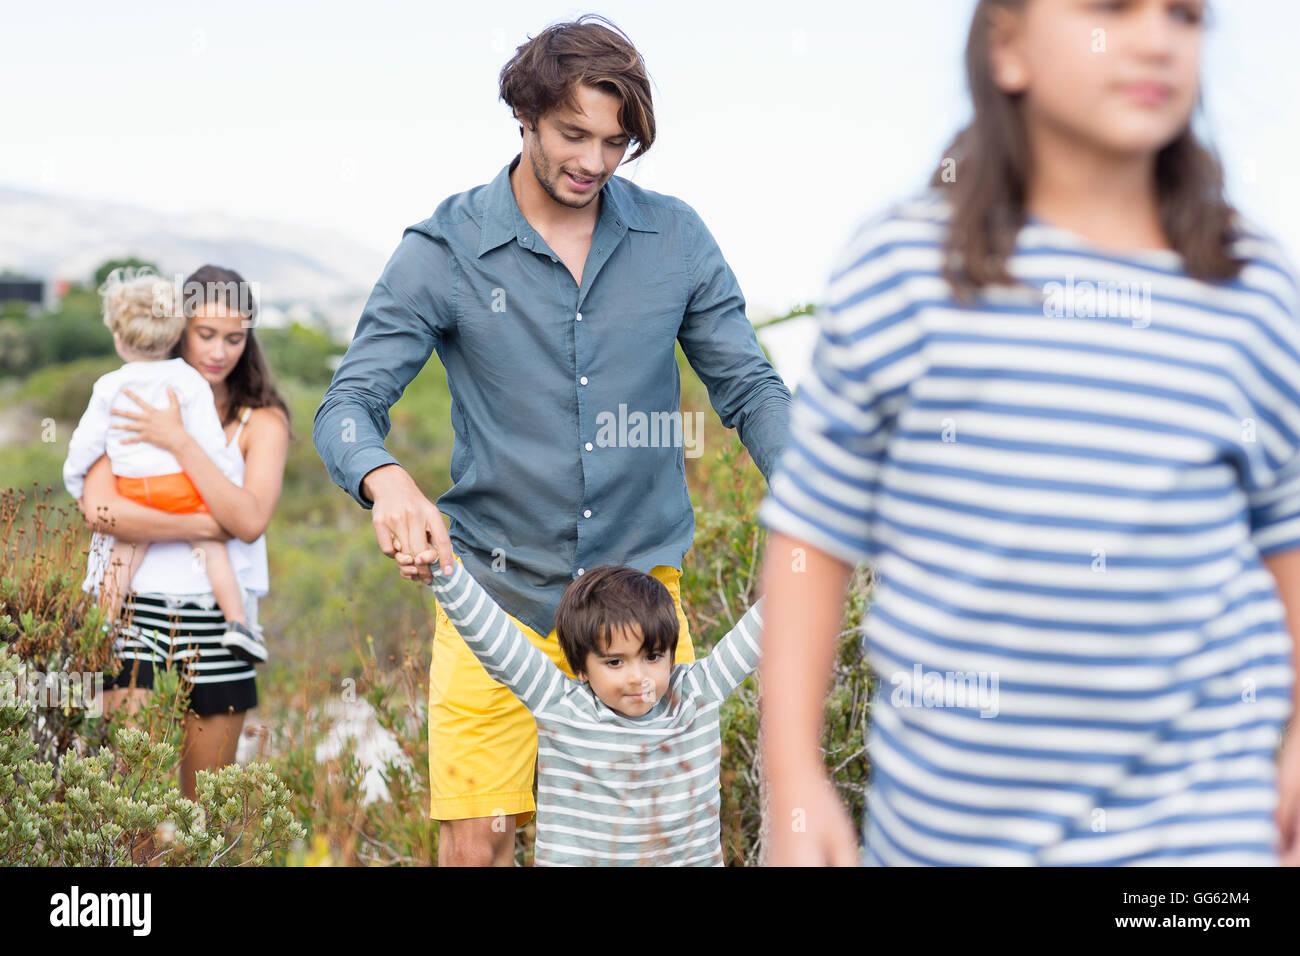 Familia caminando en un prado Imagen De Stock